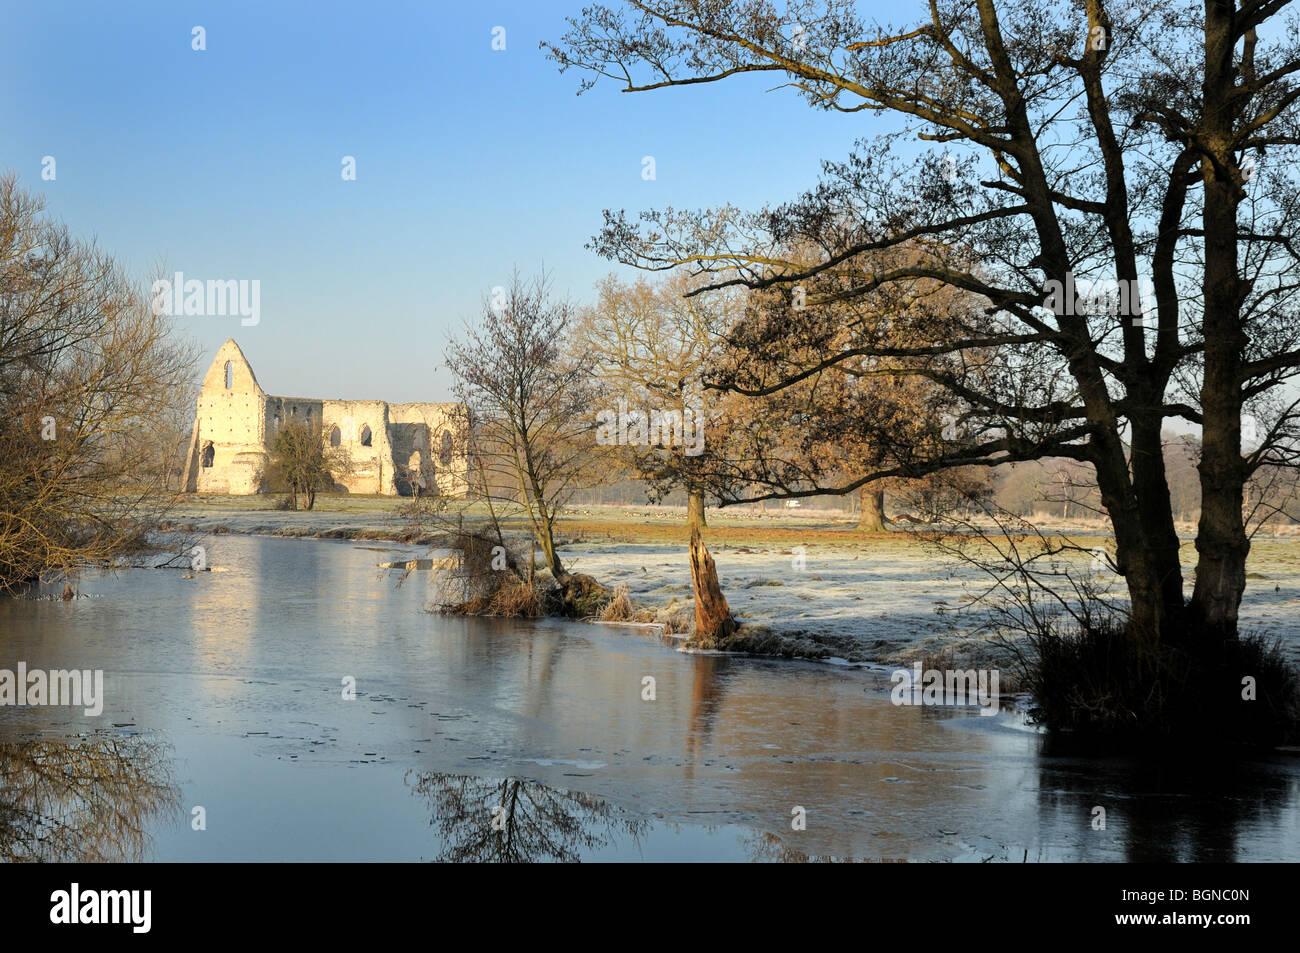 La navigation de la rivière Wey,Pyrford Photo Stock